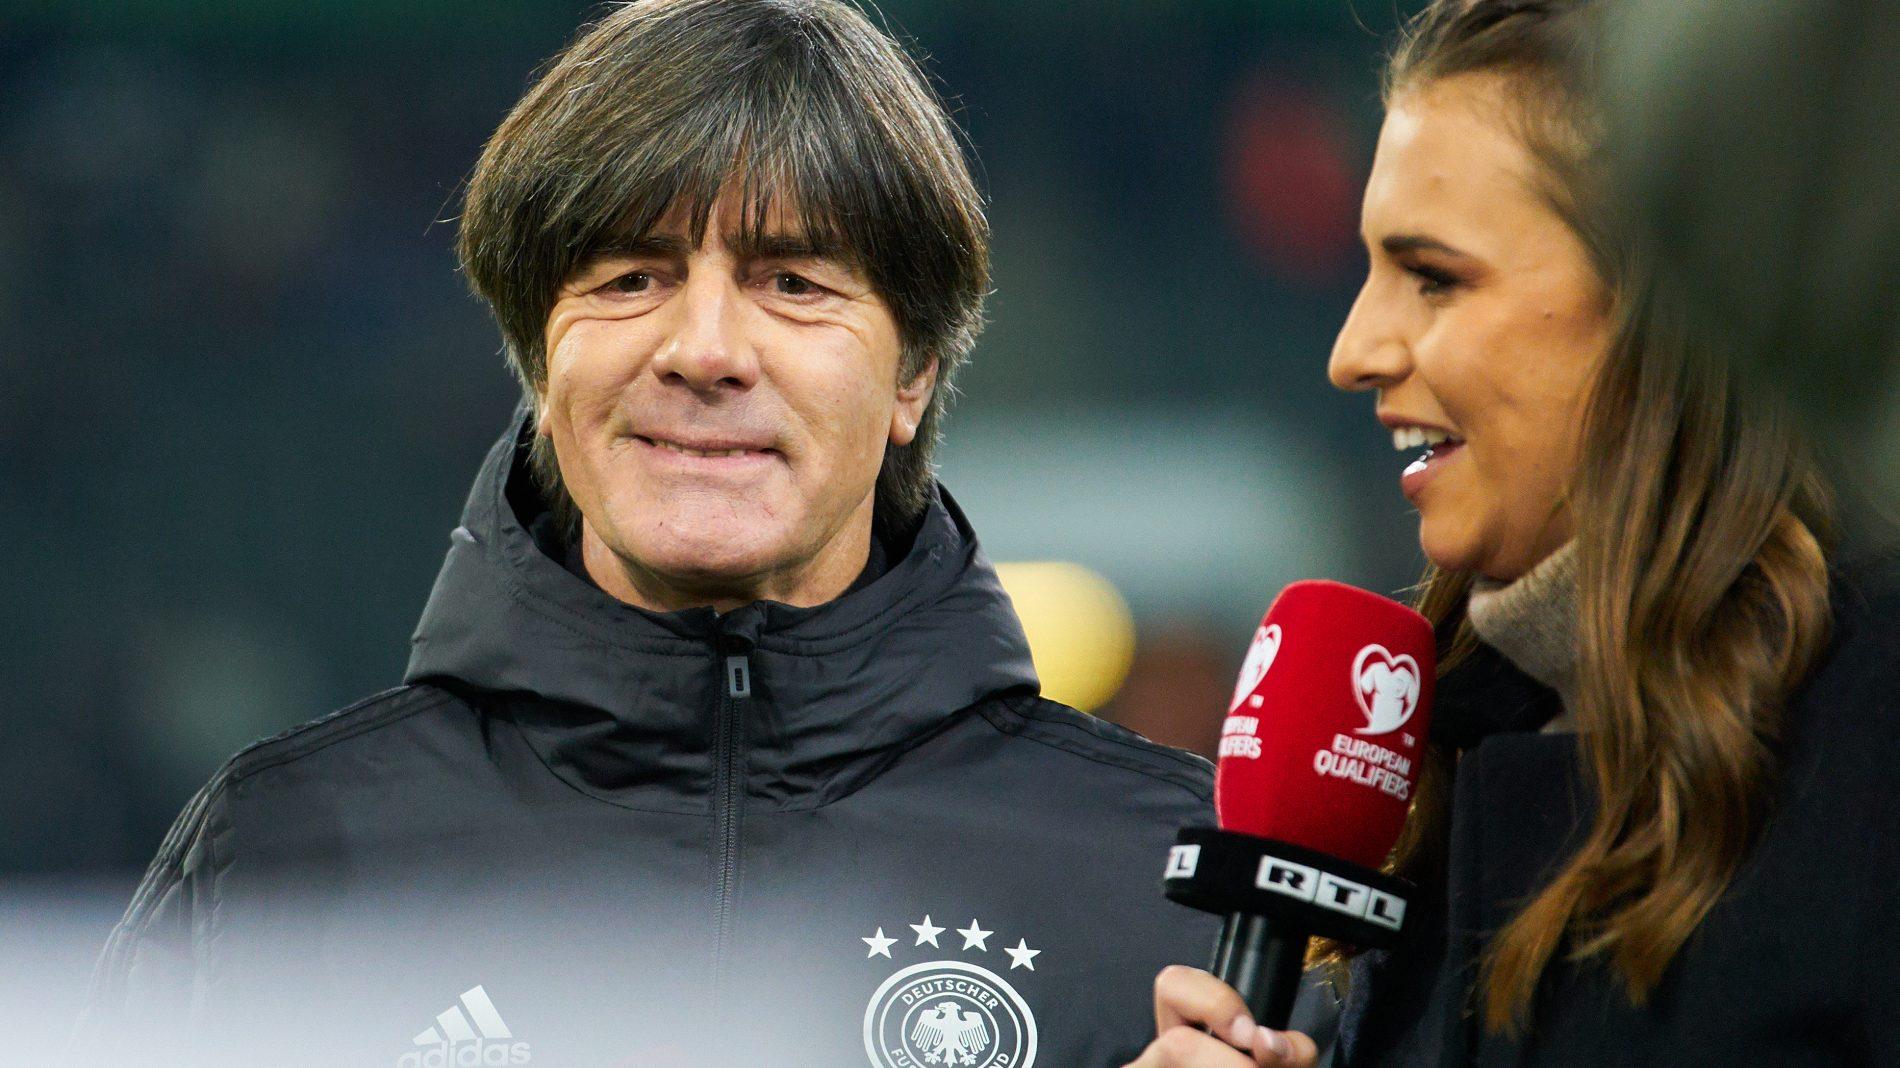 德国队比赛收视率惨淡!名宿:主要因为成绩和赛制不行